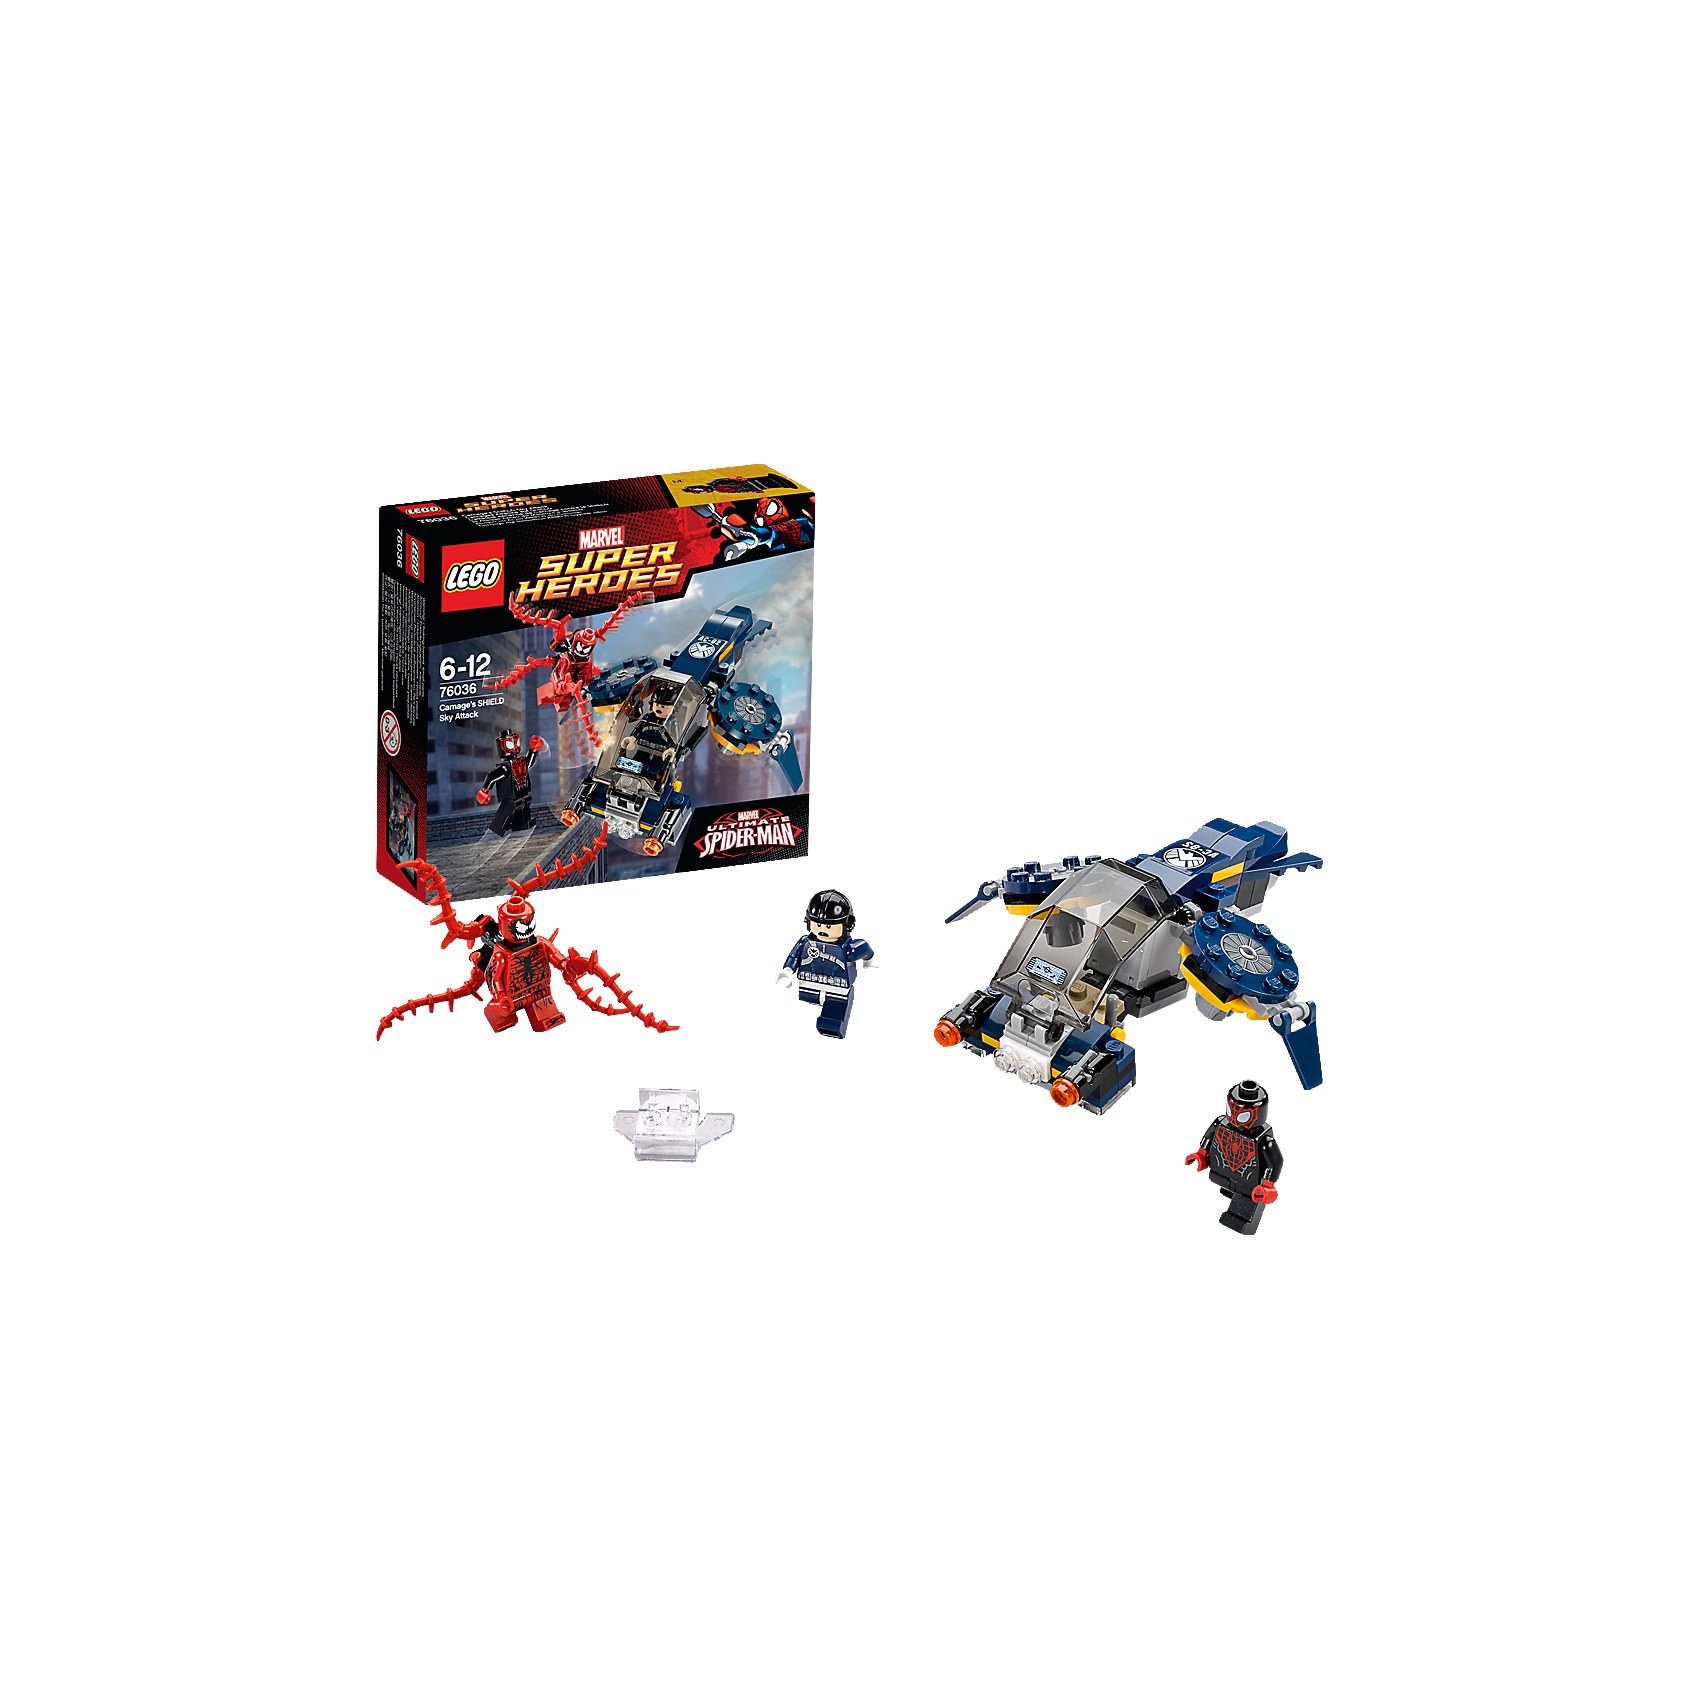 LEGO Super Heroes 76036: Воздушная атака КарнажаПластмассовые конструкторы<br>Замечательная новинка 2015 года от LEGO Super Heroes (ЛЕГО Супер Герои) 76036: Воздушная атака Карнажа. Почувствуй себя супергероем, который может справиться даже с самым коварным противником! Злодей Карнаж снова замыслил преступление: он сбежал из тюрьмы и готовит новые преступления. Но его коварным планам не суждено сбыться. На поимку беглеца отправляется храбрый агент ЩИТа, он надеется поймать беглеца по горячим следам, пока он не натворил новых дел. Набор Воздушная атака Карнажа предлагает юным конструкторам создать множество захватывающих  сюжетов: агент возвращает Карнажа в тюрьму или Карнаж оказывает сопротивление, агент вызывает на помощь подкрепление или Карнаж готовит засаду! С помощью деталей набора можно собрать реактивный самолет, который станет надежным помощником агента ЩИТа. Но отбить атаку щупалец Карнажа не так просто: в ход идут шипованные шутеры, которыми оборудован самолет. Силы не равны и на помощь агенту спешит легендарный Человек-паук. От ловких сетей Человека-паука еще не скрылся ни один преступник! Каким будет исход поединка решать тебе!<br><br>LEGO Super Heroes (ЛЕГО Супер Герои) - серия конструкторов созданная специально по мотивам всеми известных комиксов. Спасай мир и борись со злом вместе с любимыми супергероями! Наборы серии можно комбинировать между собой, давая безграничный простор для фантазии и придумывая свои новые истории. <br><br>Дополнительная информация:<br><br>- Конструкторы LEGO (ЛЕГО) развивают усидчивость, внимание, фантазию и мелкую моторику; <br>- В комплекте 3 минифигурки: Карнаж, агент ЩИТа и Человек-паук;<br>- Количество деталей: 97 шт;<br>- Серия ЛЕГО Супер Герои (LEGO Super Heroes);<br>- Материал: пластик;<br>- Размер: 15,7 х 14,1 х 4,5 см;<br>- Вес: 0,3 кг<br><br>Конструктор LEGO Super Heroes (ЛЕГО Супер Герои) 76036: Воздушная атака Карнажа, можно купить в нашем магазине.<br><br>Ширина мм: 161<br>Глубина мм: 142<br>Высота мм: 48<br>Вес 